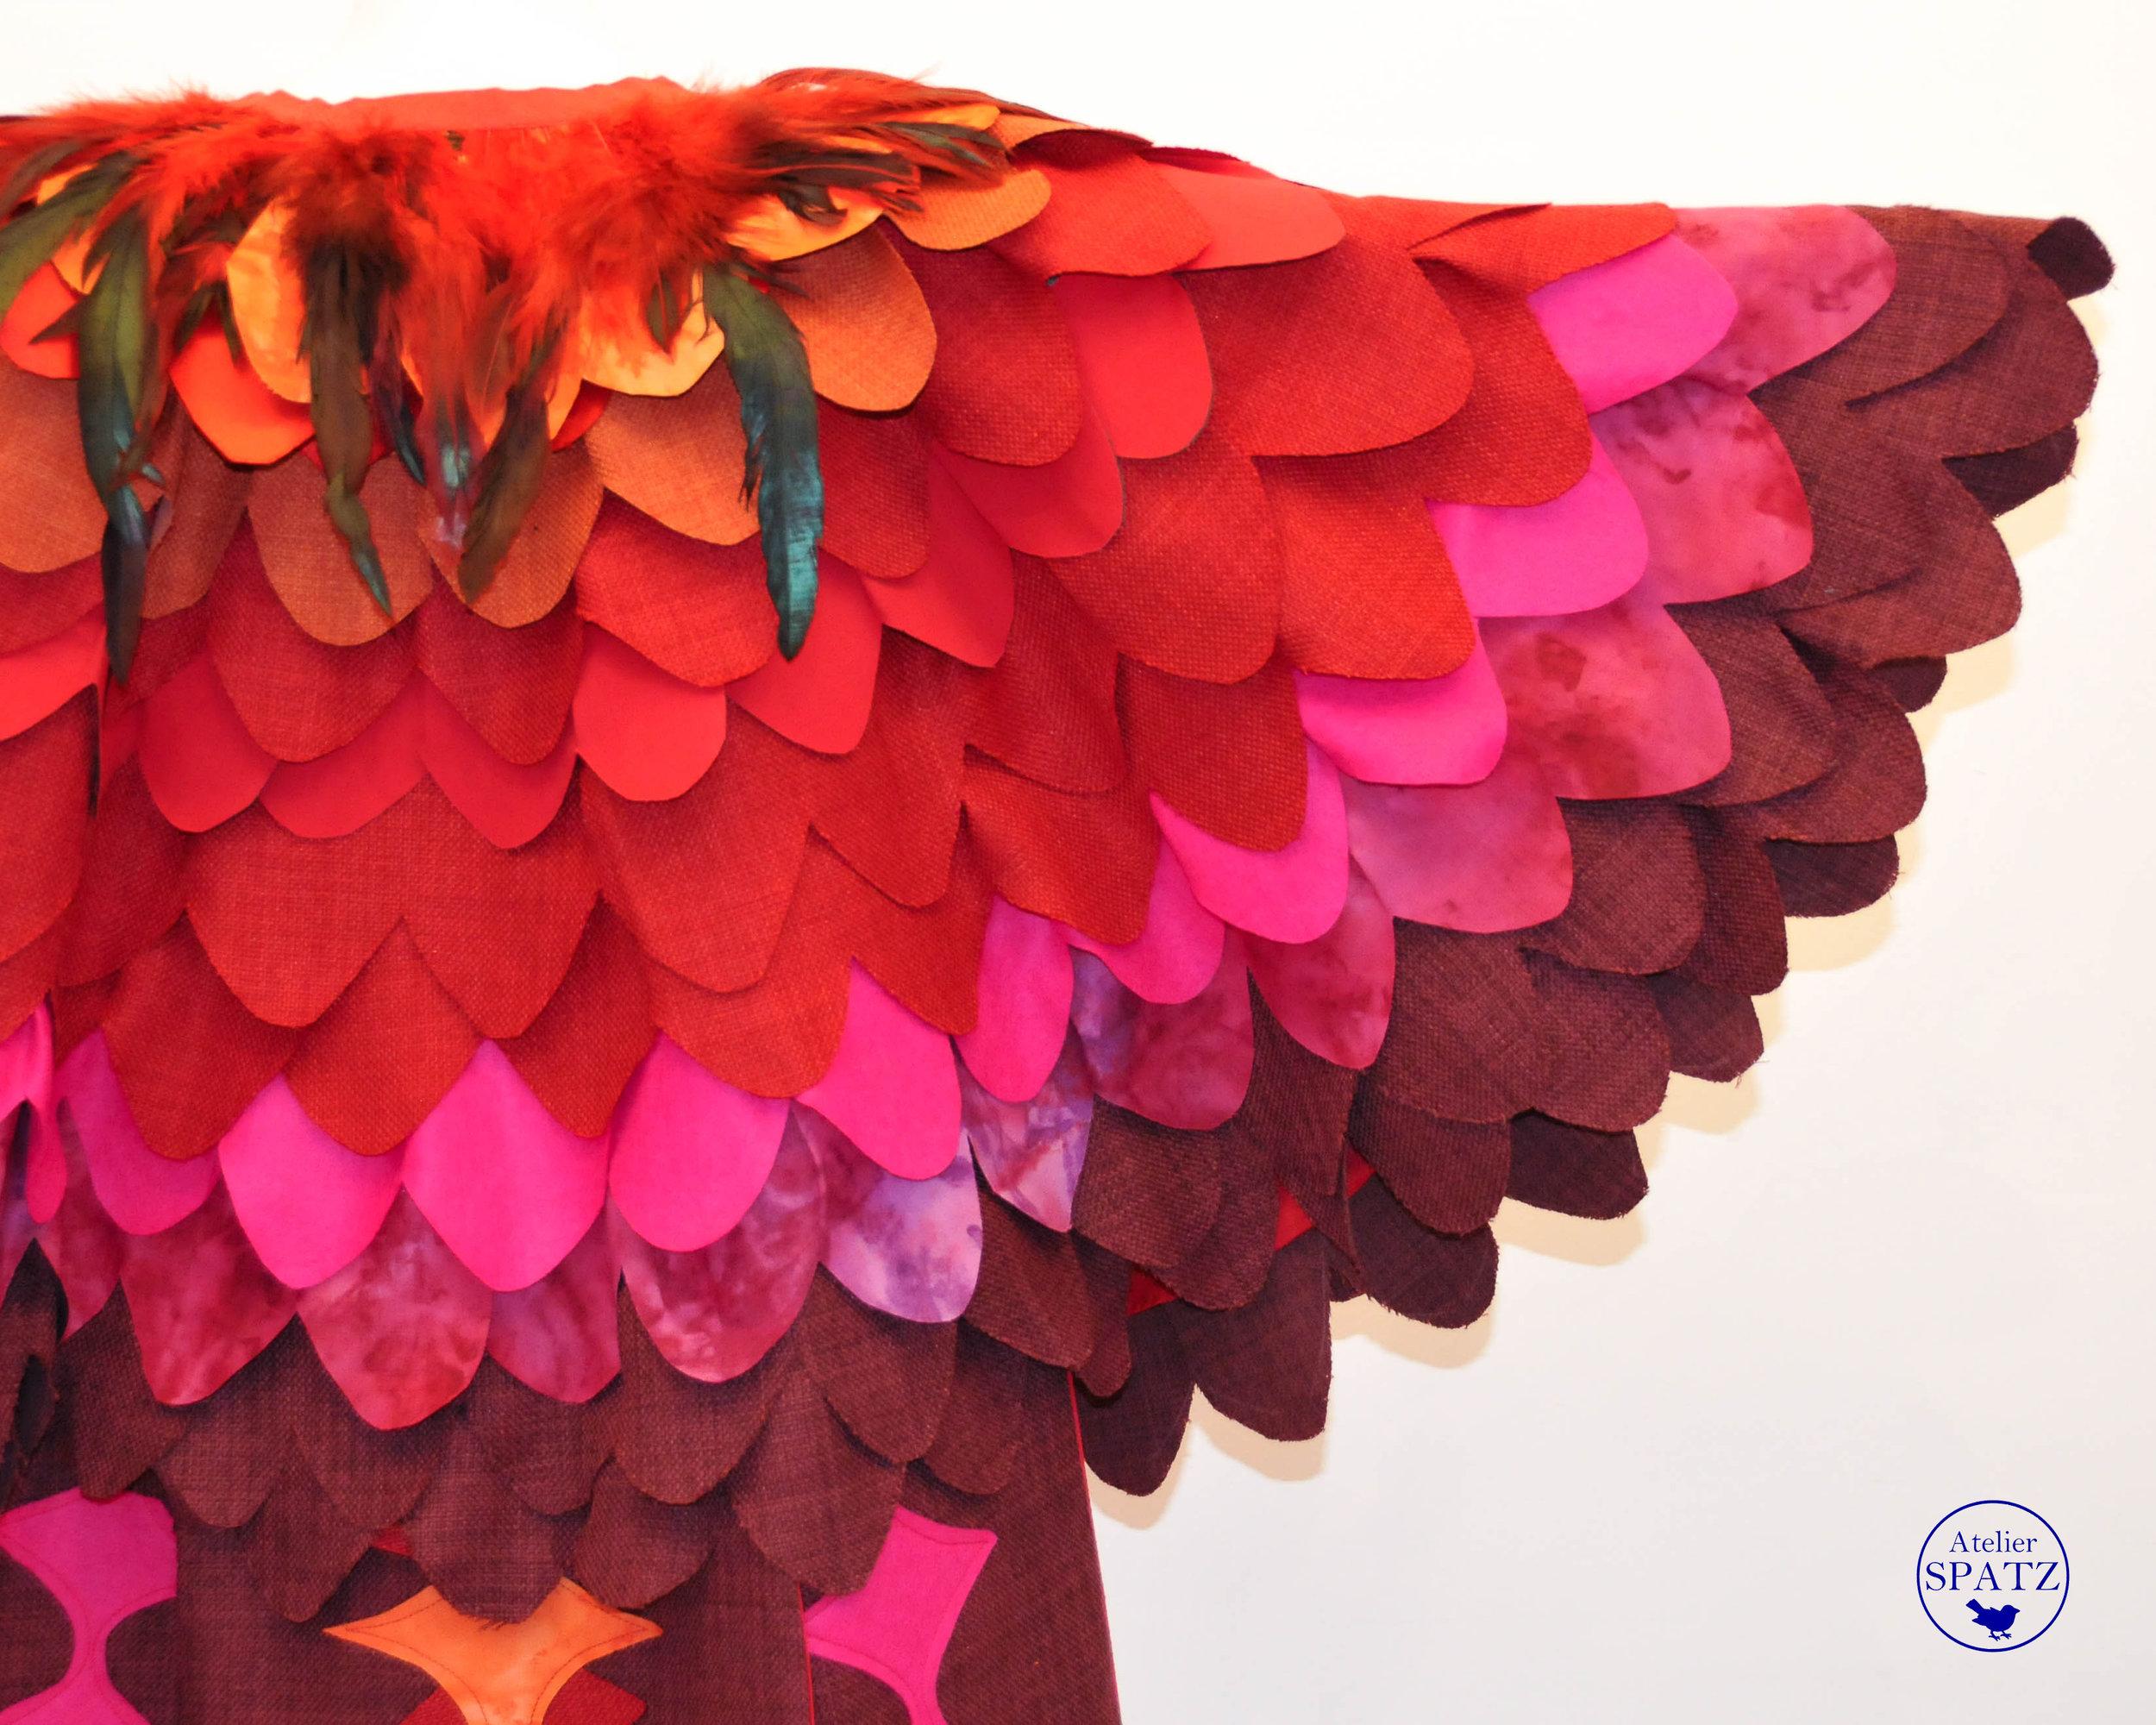 Firebird-3.jpg